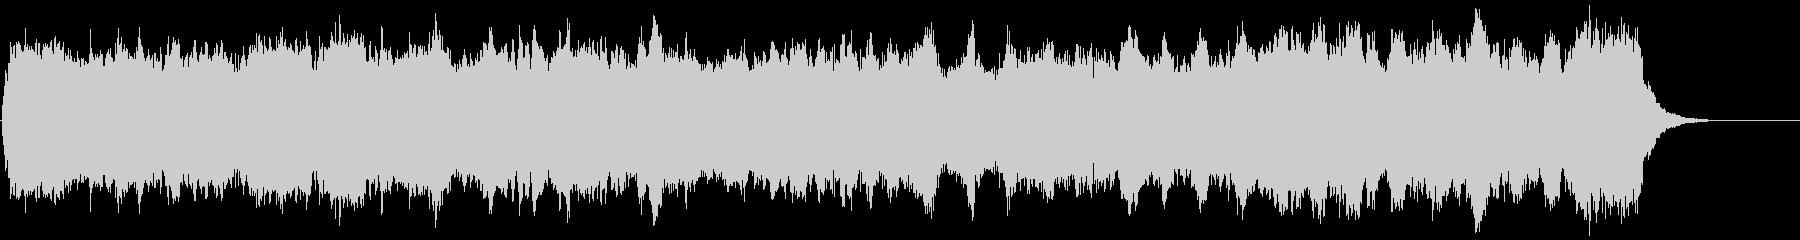 切ない旅立ちを思わせるパイプオルガン曲の未再生の波形